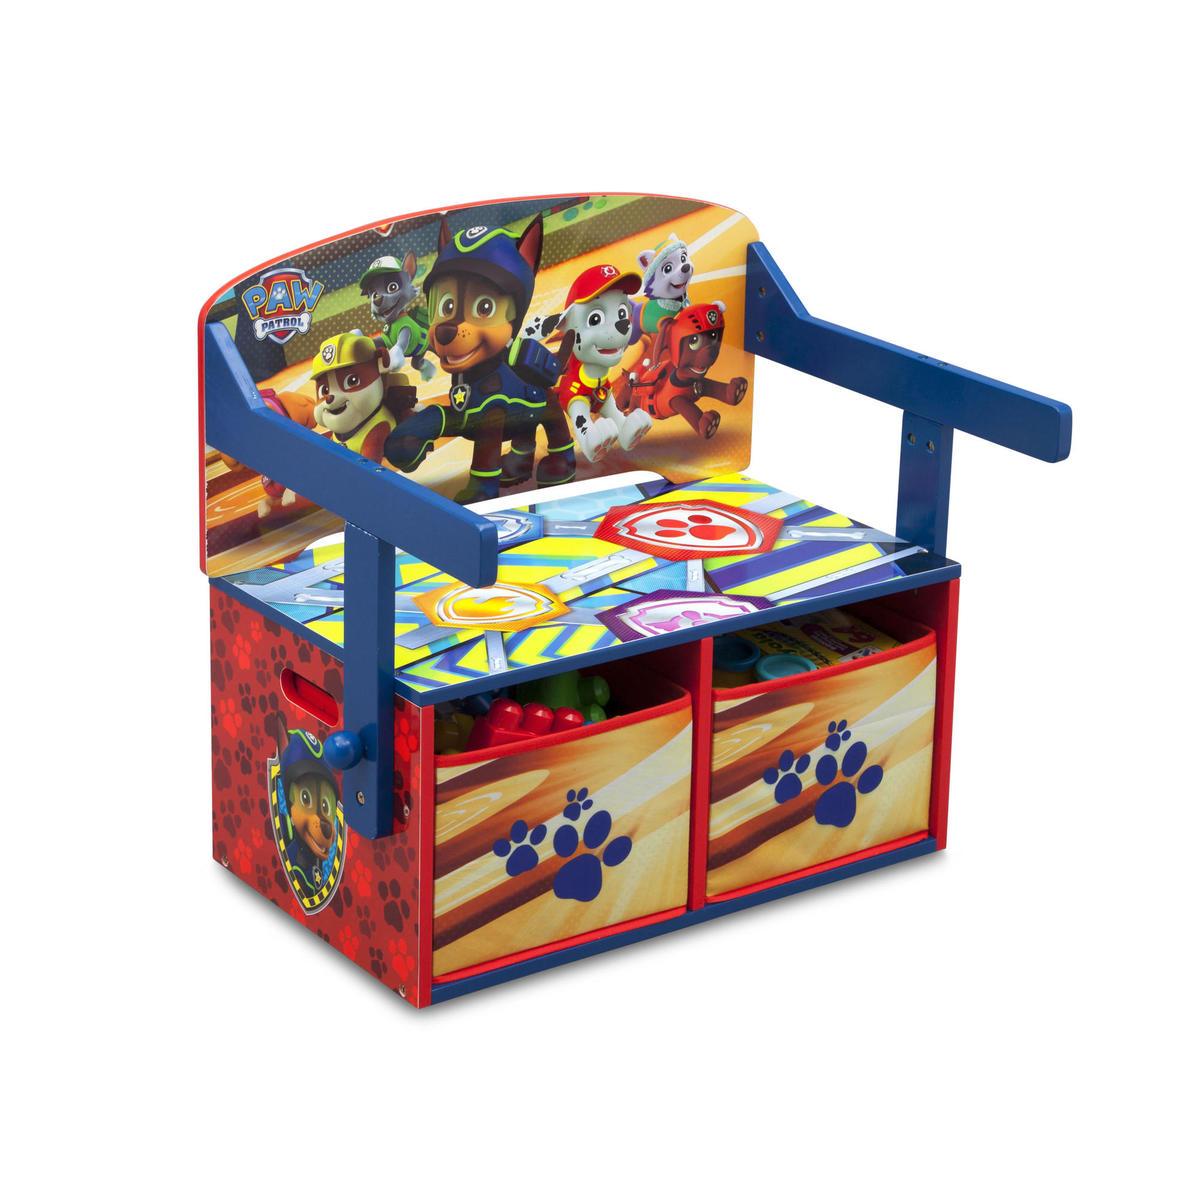 Detská lavica s úložným priestorom - Tlapková patrola TB83332PW